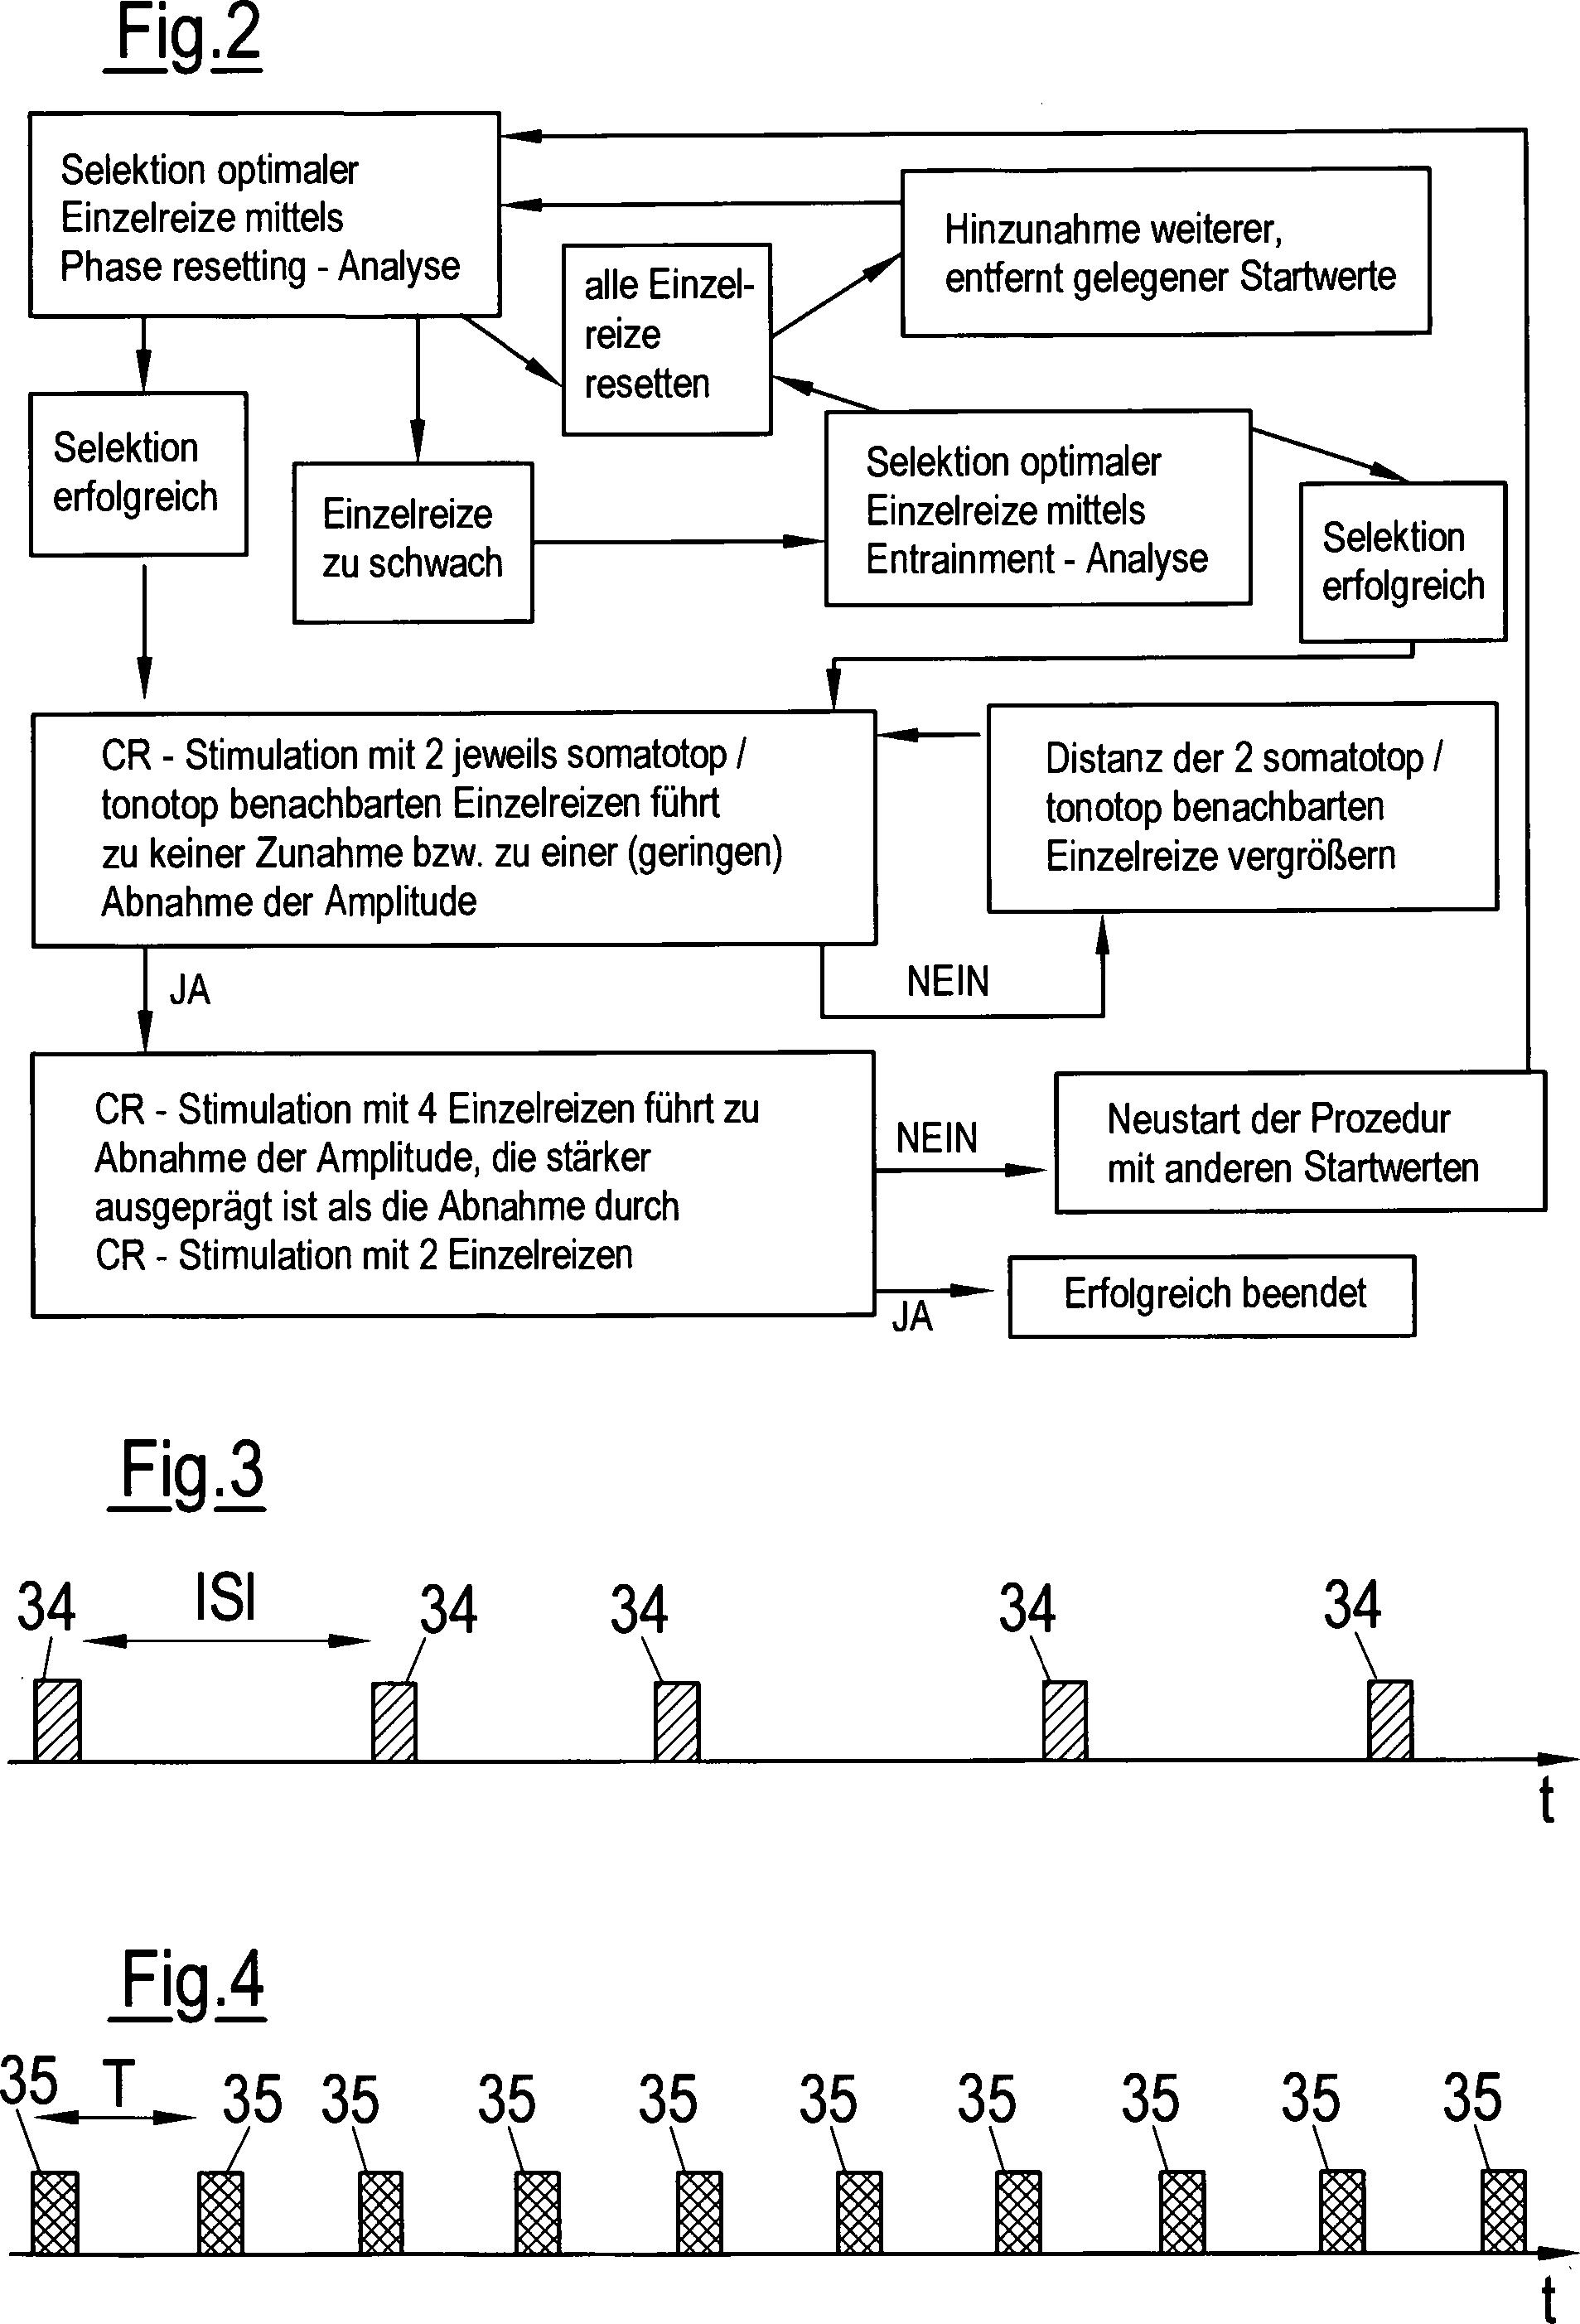 Stahlbandschneider und nicht Patent